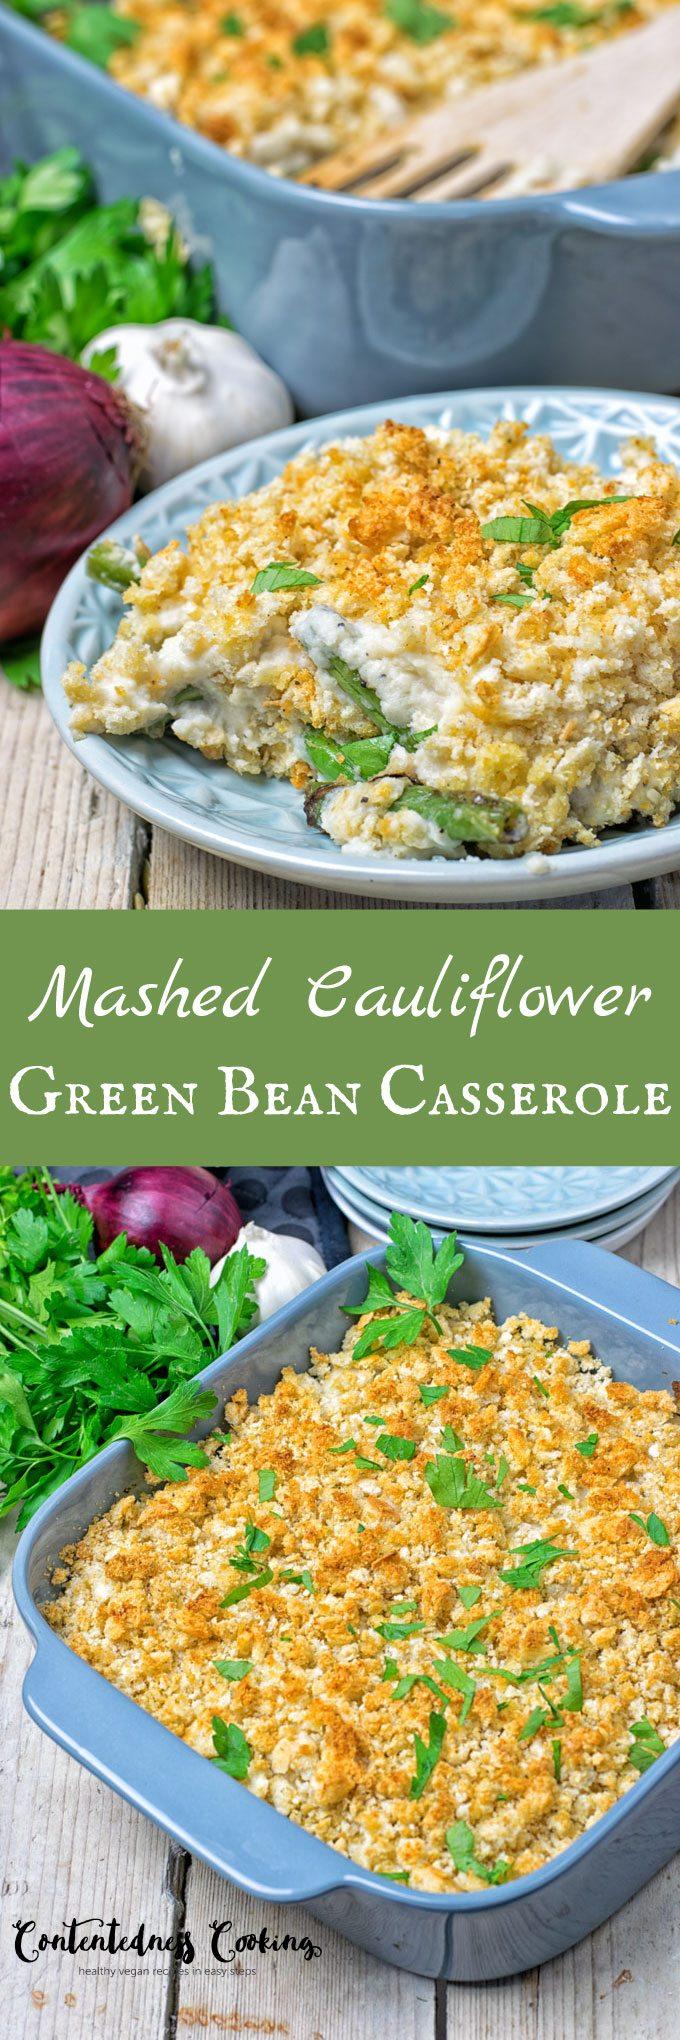 Mashed Cauliflower Green Bean Casserole | #vegan #glutenfree #contentednesscooking